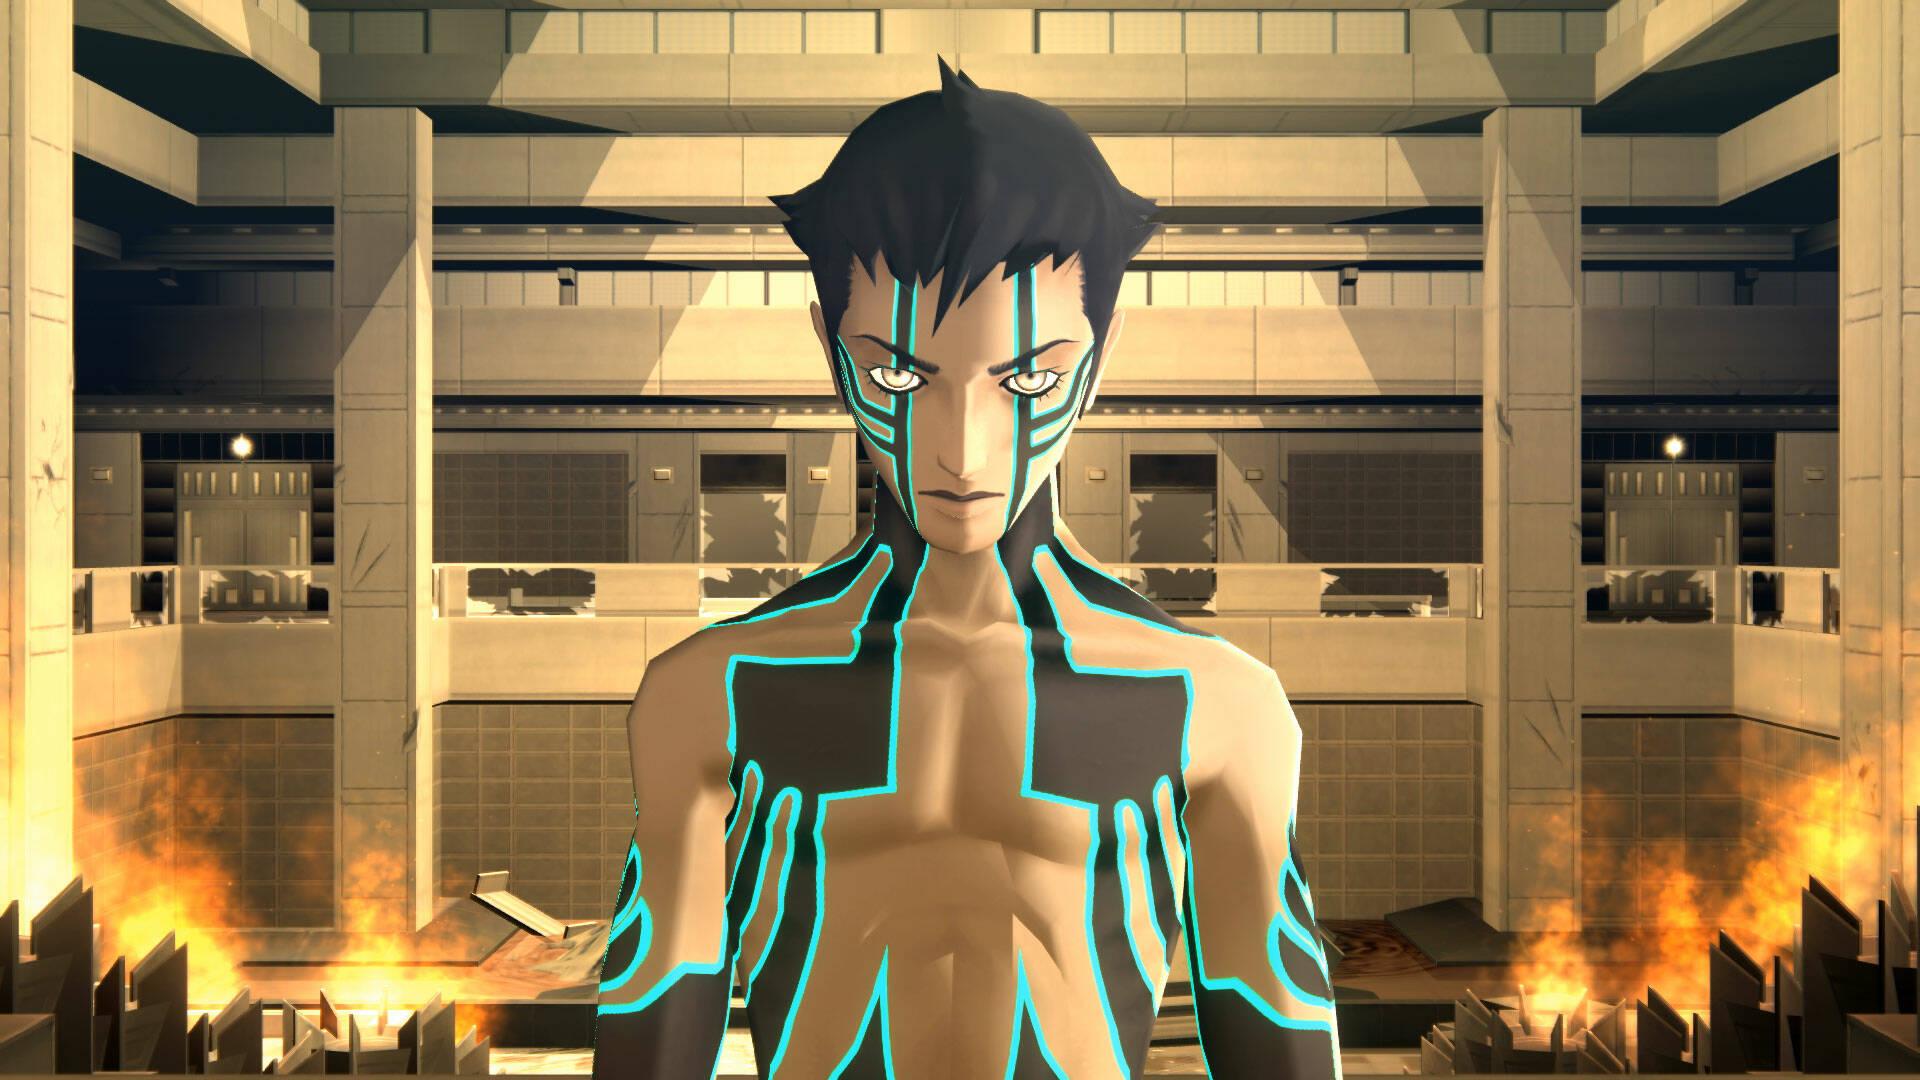 Shin Megami Tensei III Nocturne